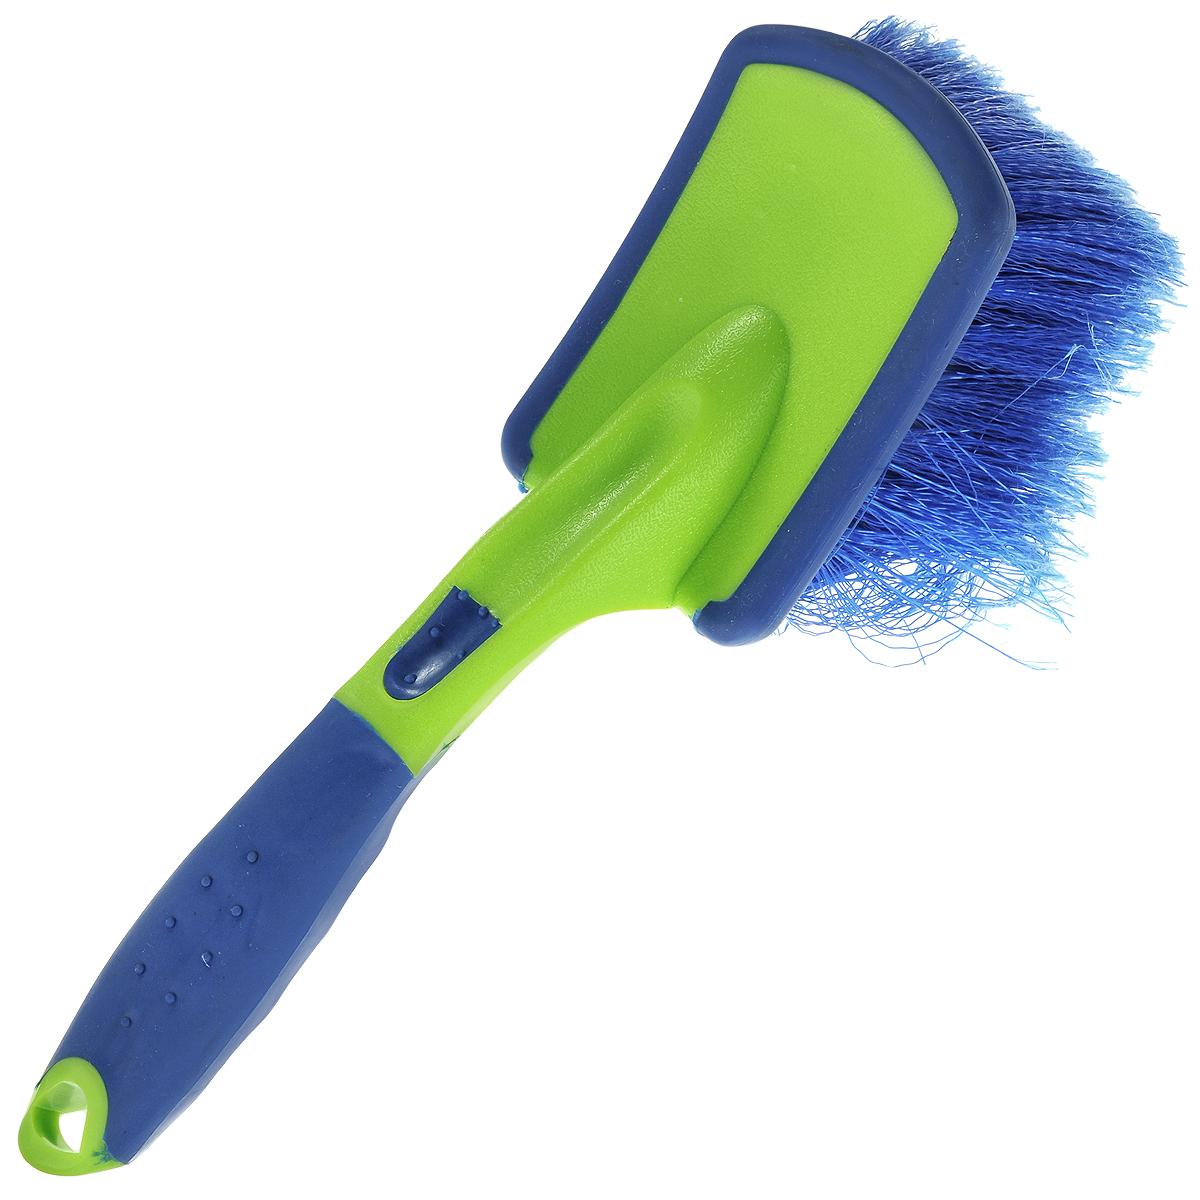 Щетка для мытья автомобиля Sapfire, цвет: синий, салатовый, 24,5 смДива 007Щетка Sapfire предназначена для мытья автомобиля. Рукоятка выполнена из прочного прорезиненного пластика. Щетка из специального полимера обеспечивает длительную эксплуатацию. Мягкая долговечная щетина с распушенными кончиками легко справится с грязью, не повреждая лакокрасочного покрытия автомобиля. Размер рабочей поверхности (ДхШхВ): 10 см х 7 см х 6 см.